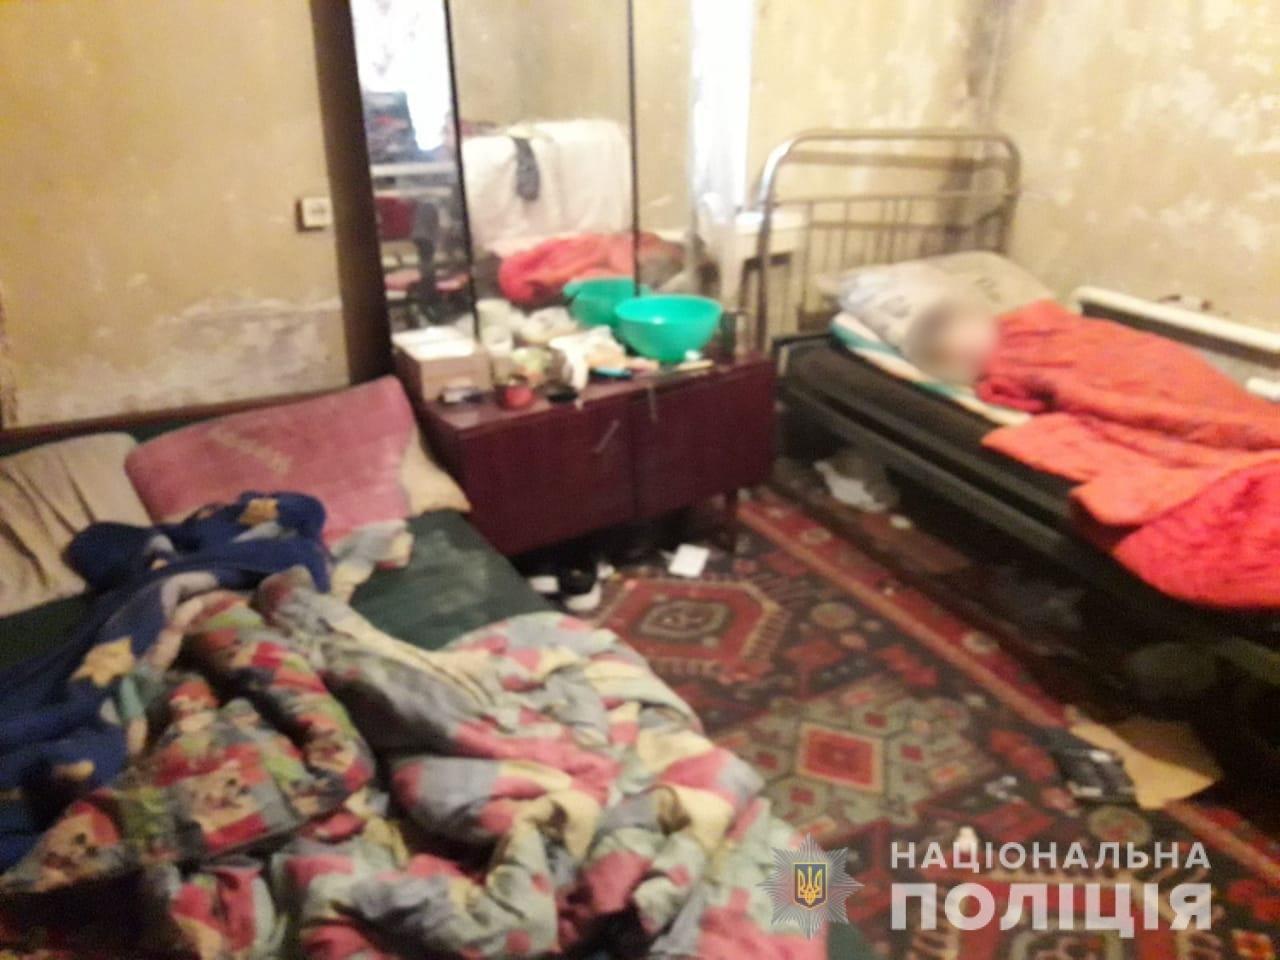 Не следила за своими детьми: на Харьковщине «копы» забрали у матери сыновей, - ФОТО, фото-2